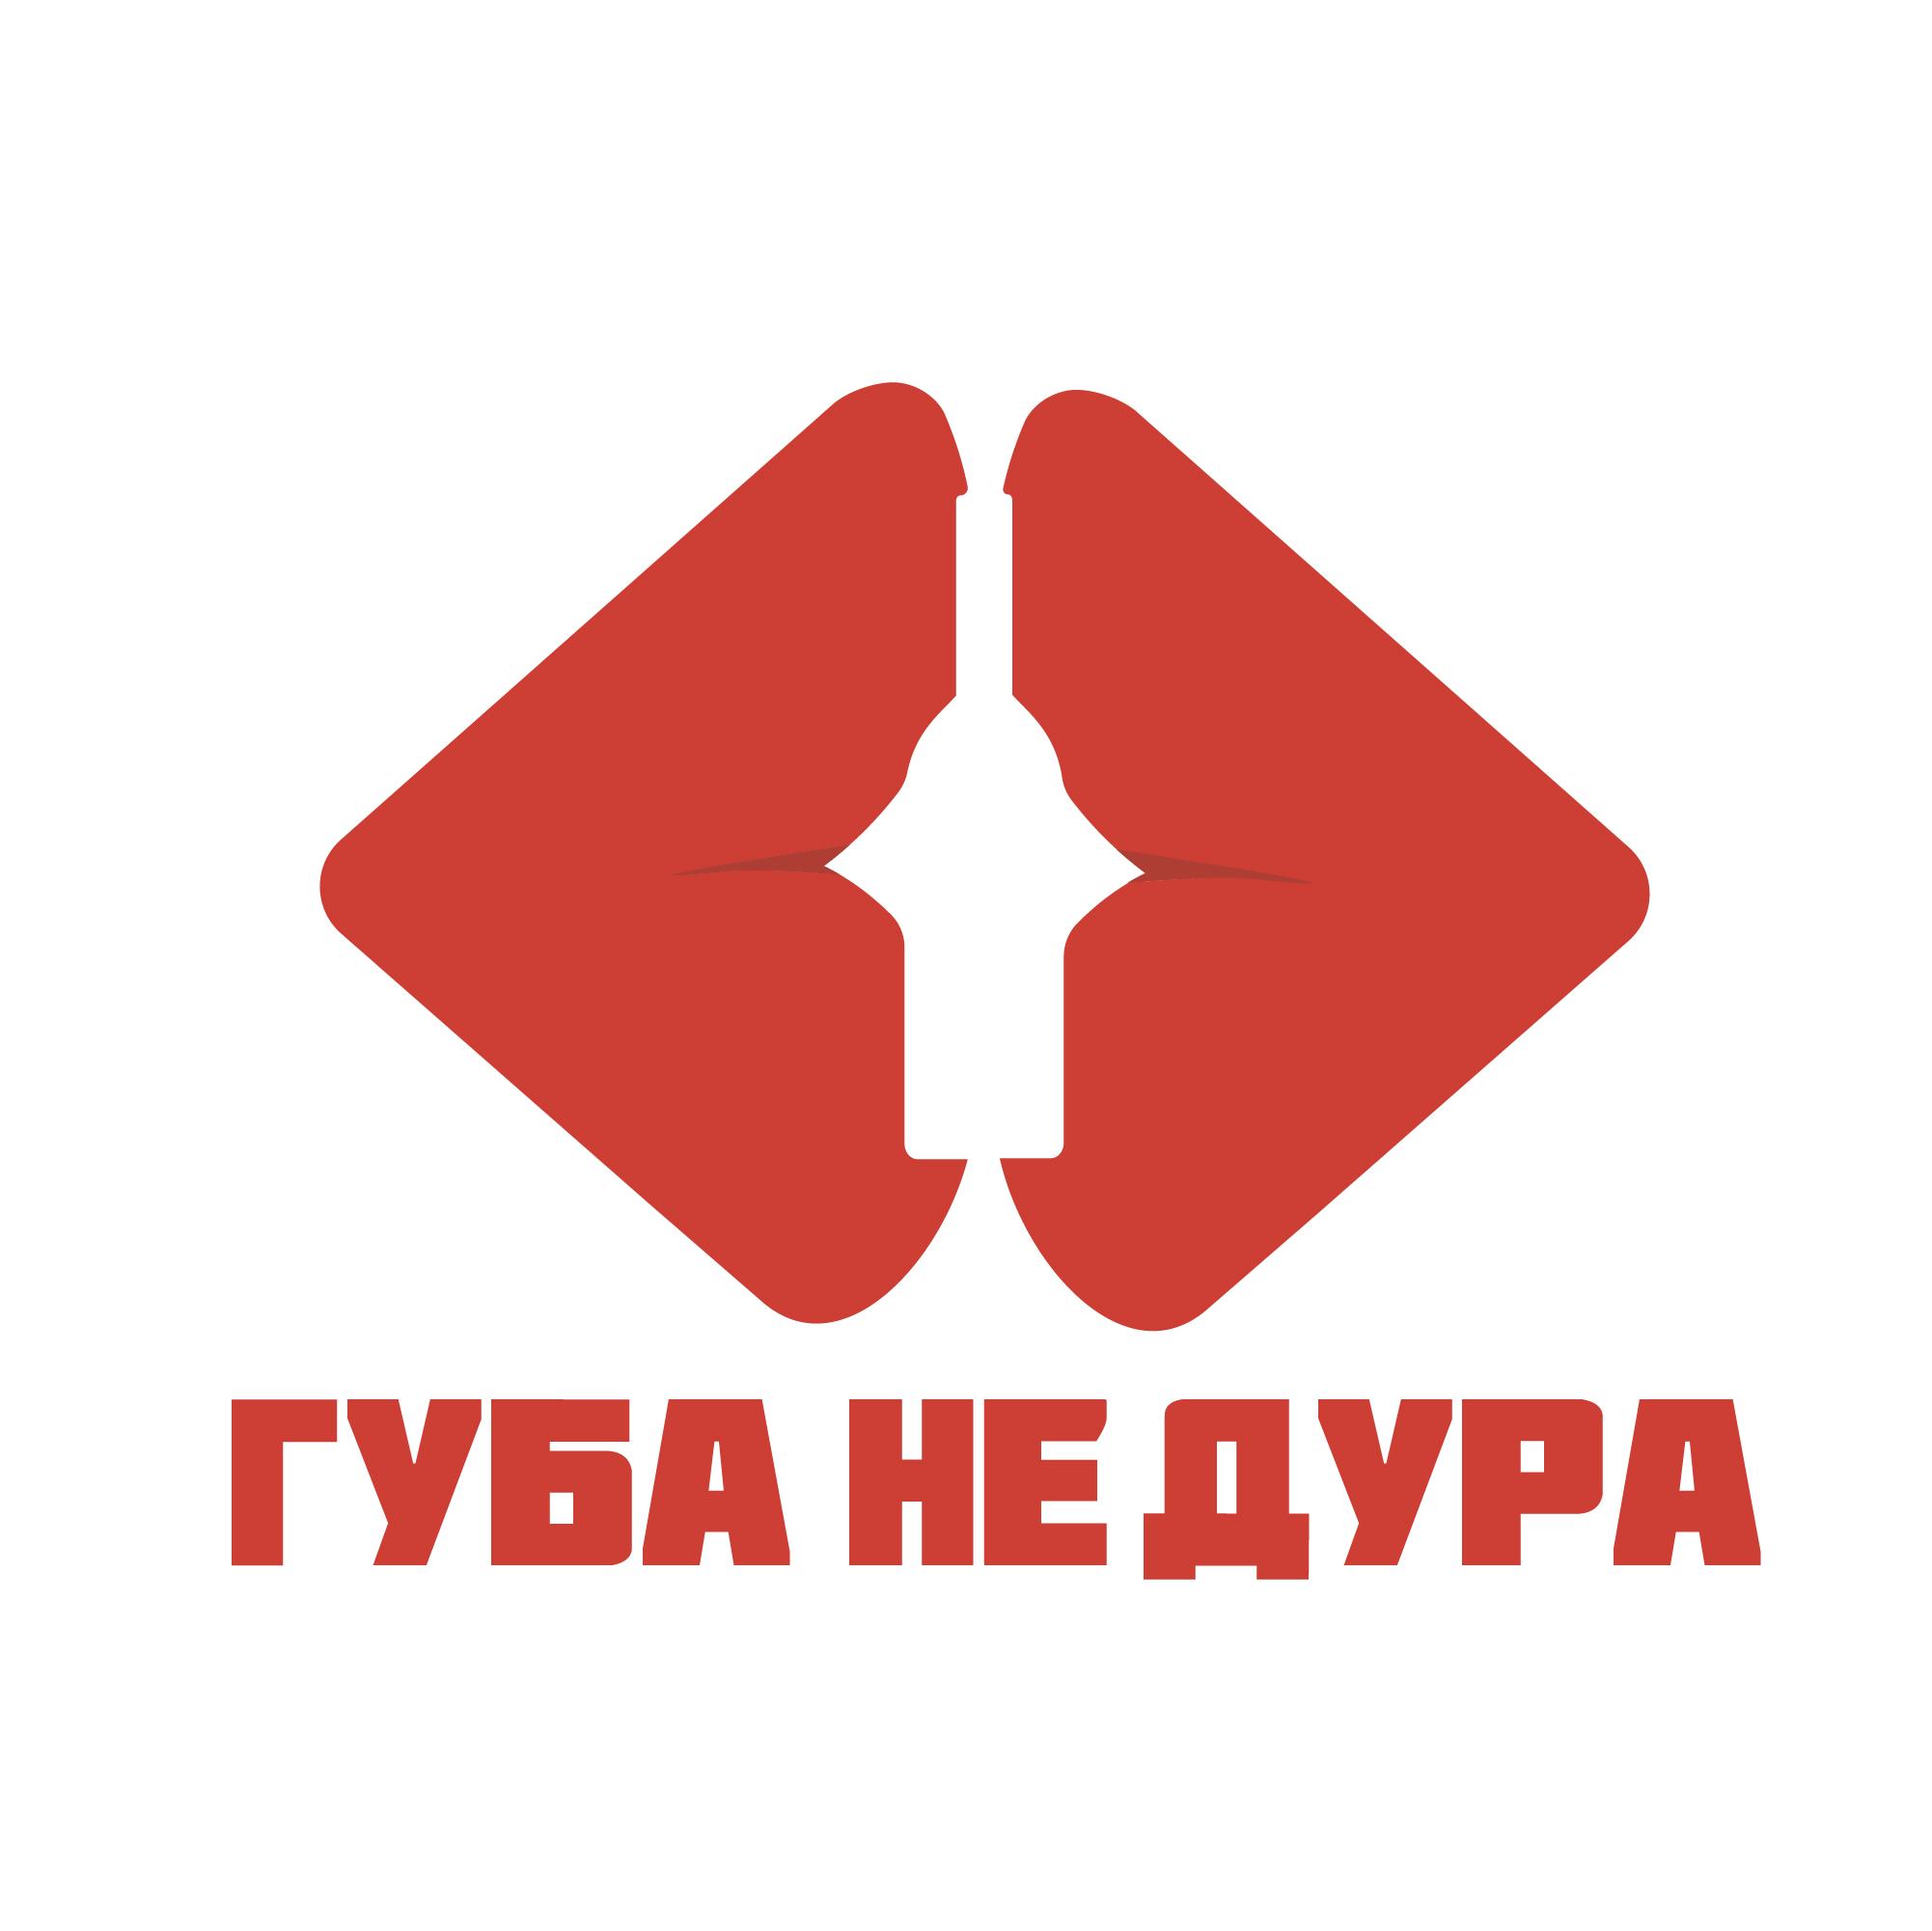 Улучшить и так хороший Товарный Знак фото f_0515eede19d9eb09.jpg